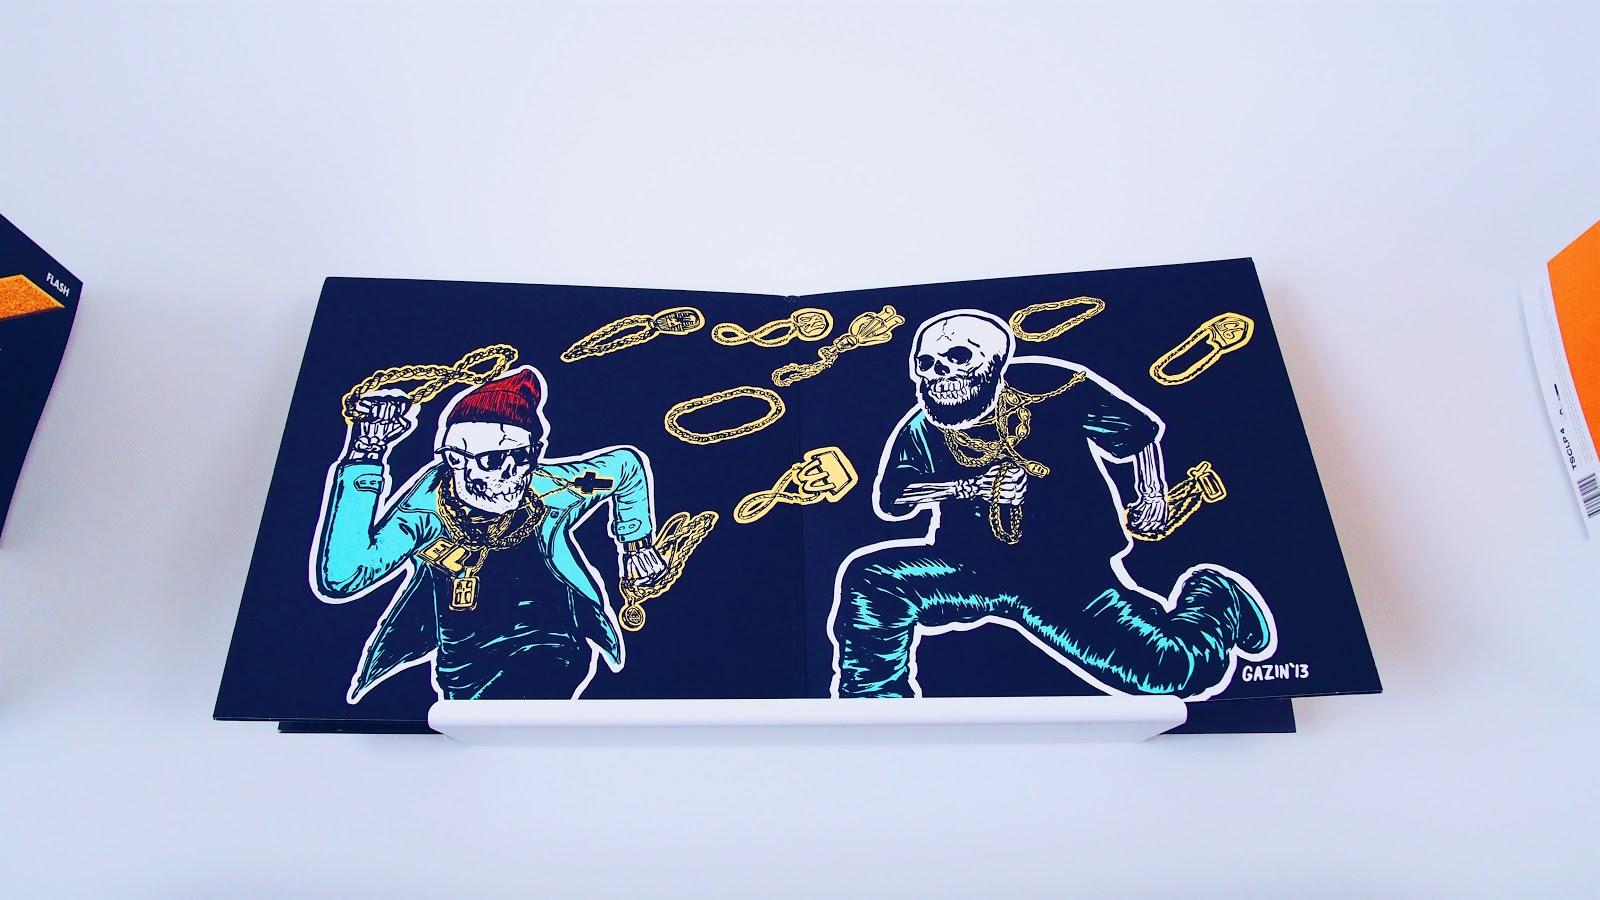 Run the Jewels Debüt Album Gatefolder Schallplatten Cover aufgeklappt auf einer Wandhalterung